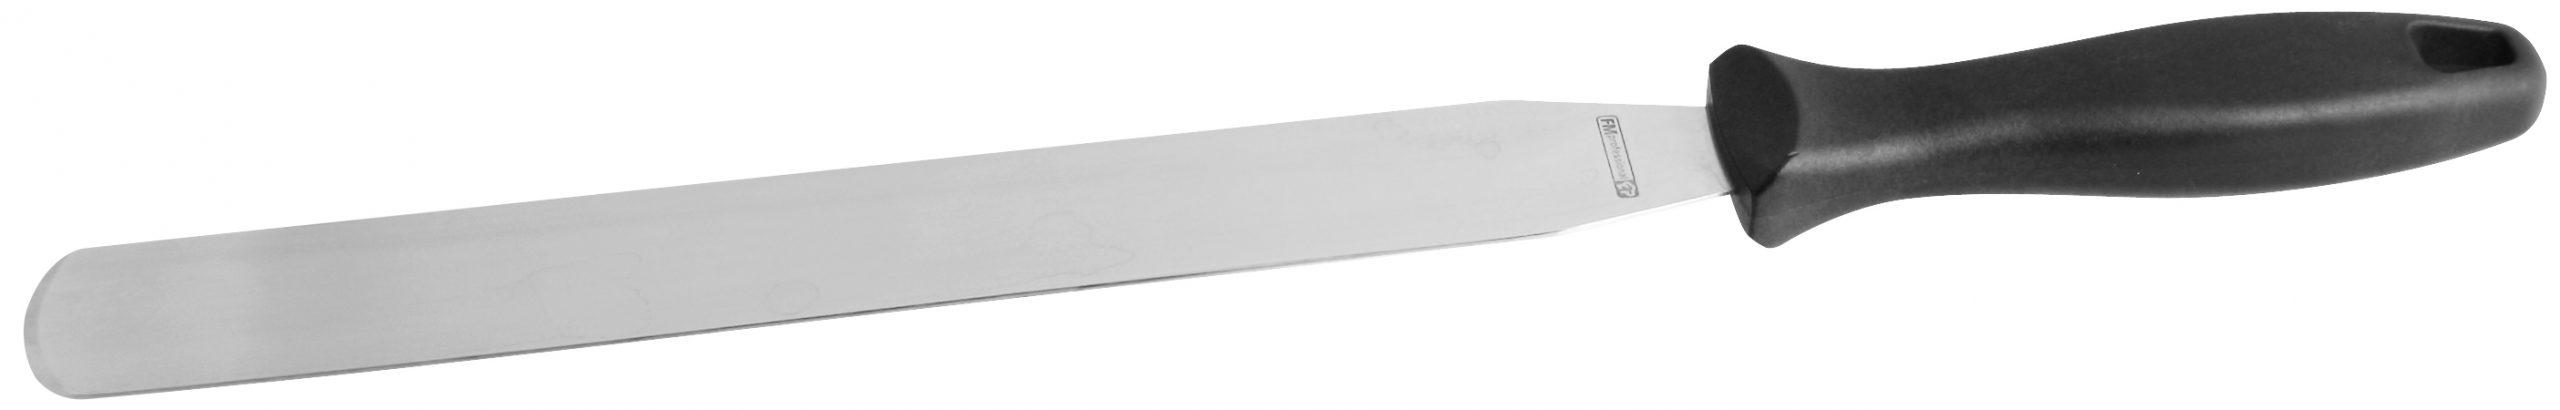 Konditorpalette 38cm